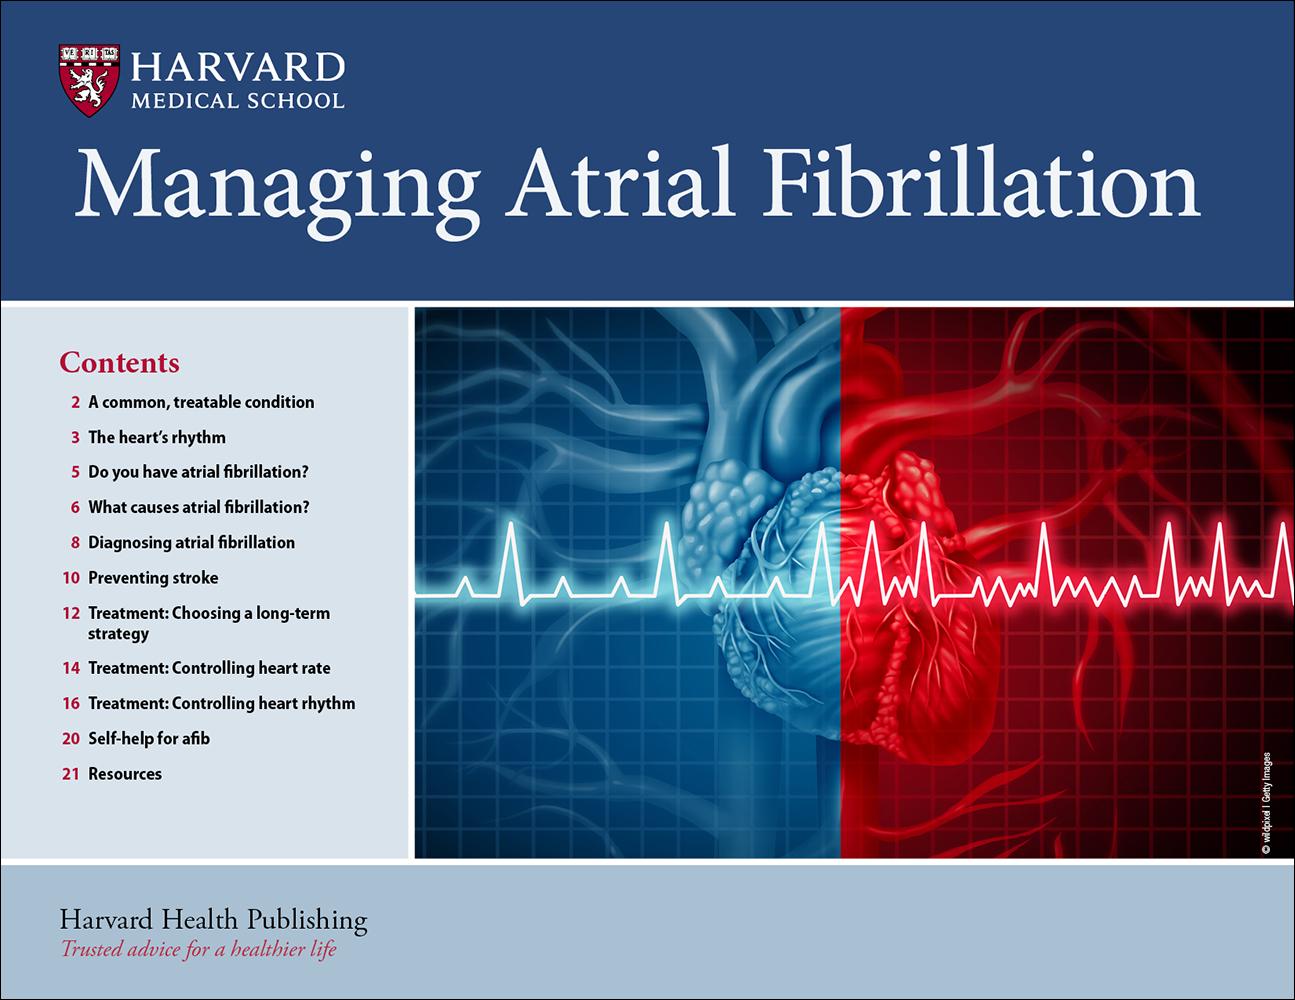 Managing Atrial Fibrillation